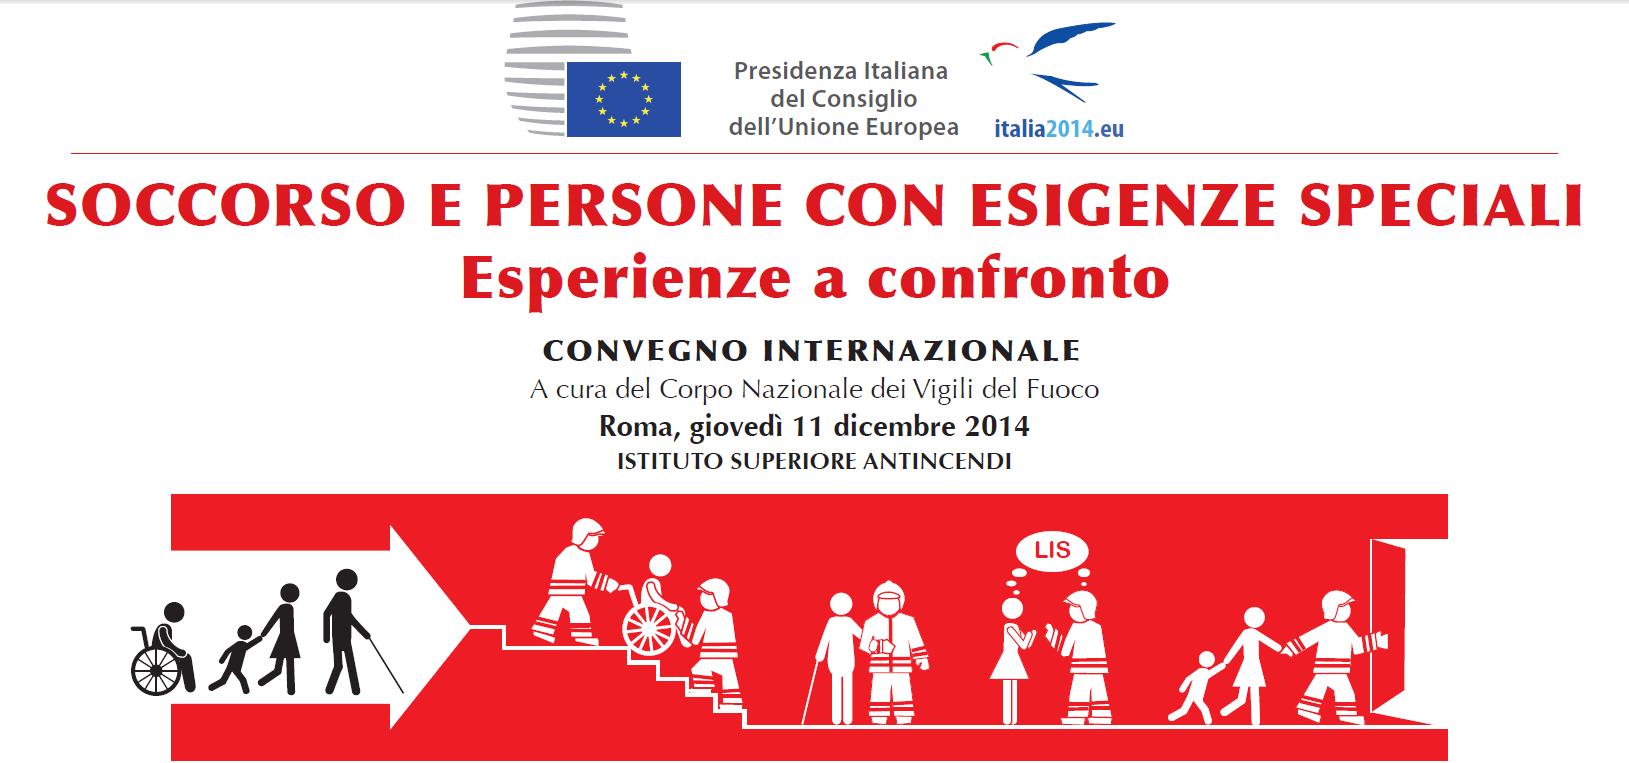 """Convegno internazionale CNVV """"Soccorso e persone con esigenze speciali. Esperienze a confronto"""""""